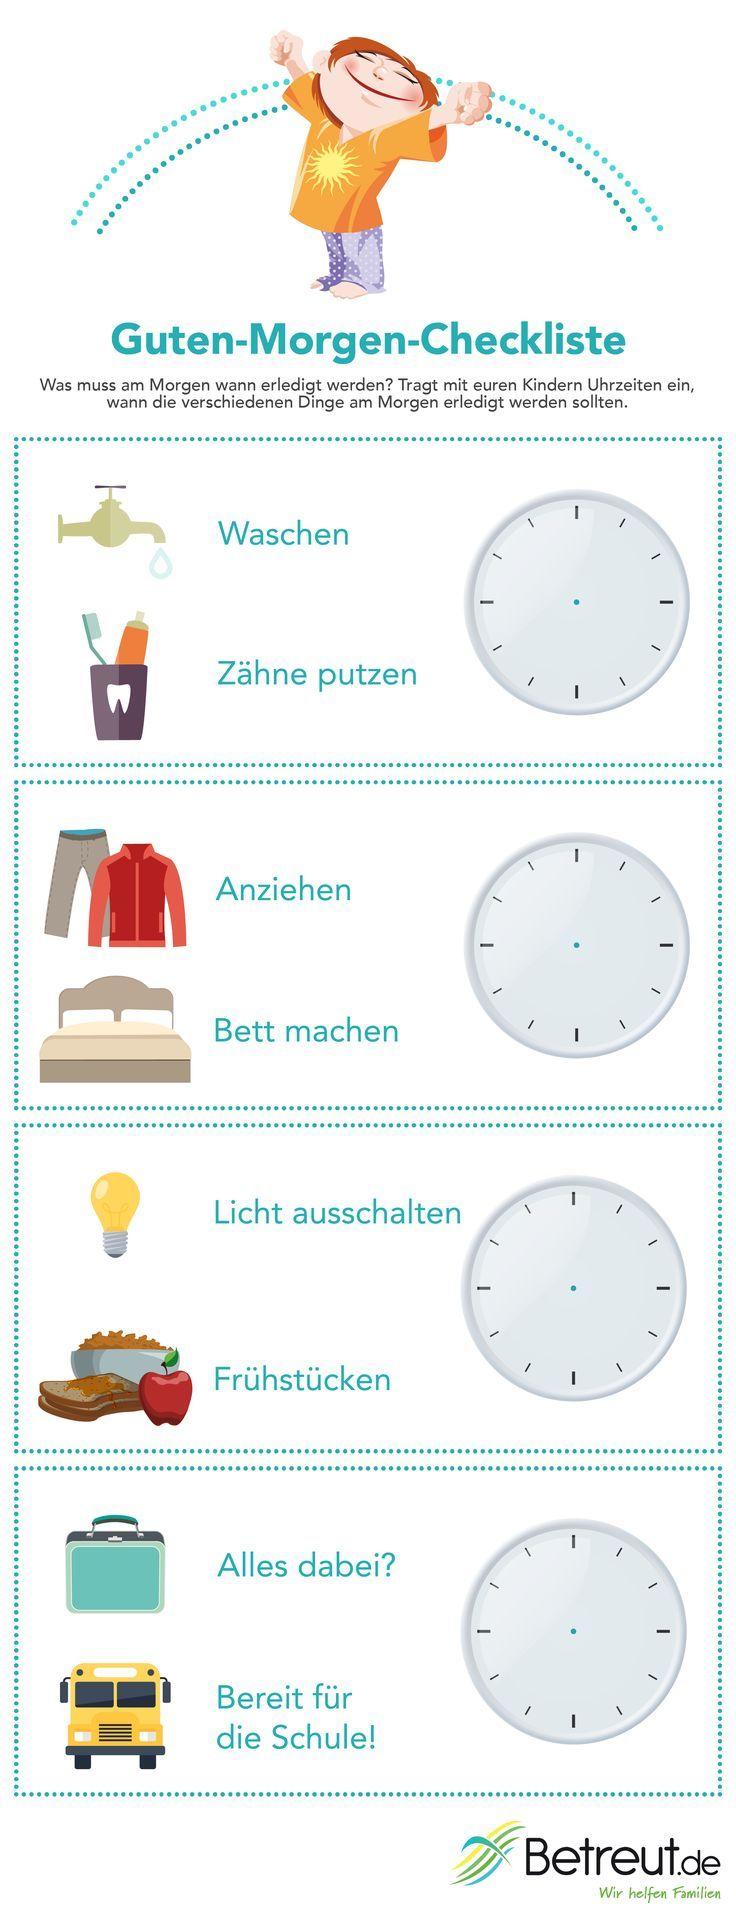 Gähnen, strecken und raus aus den Federn! Auf unserer Guten-Morgen-Checkliste zum Ausdrucken könnt ihr und eure Kinder eintragen, was in der Früh zu welcher Uhrzeit erledigt werden soll.